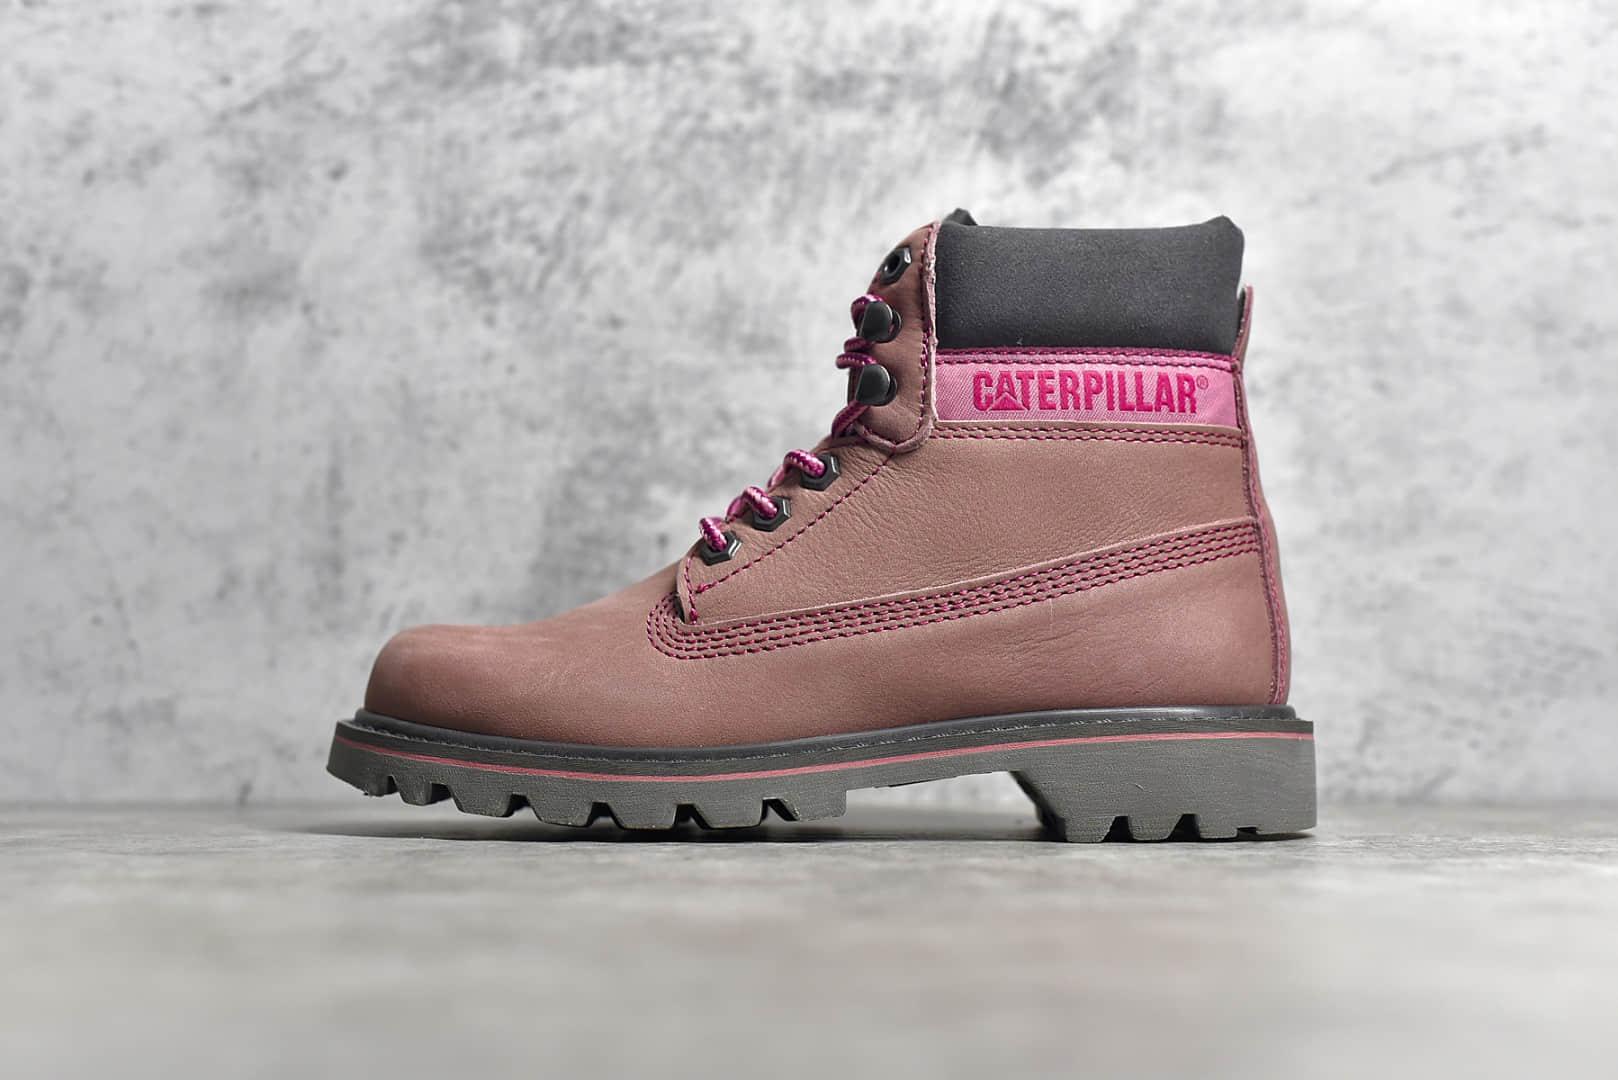 卡特罗拉系列高帮女子工装靴 CAT FOOTWEAR/ CAT Colorado 2020年新款-潮流者之家